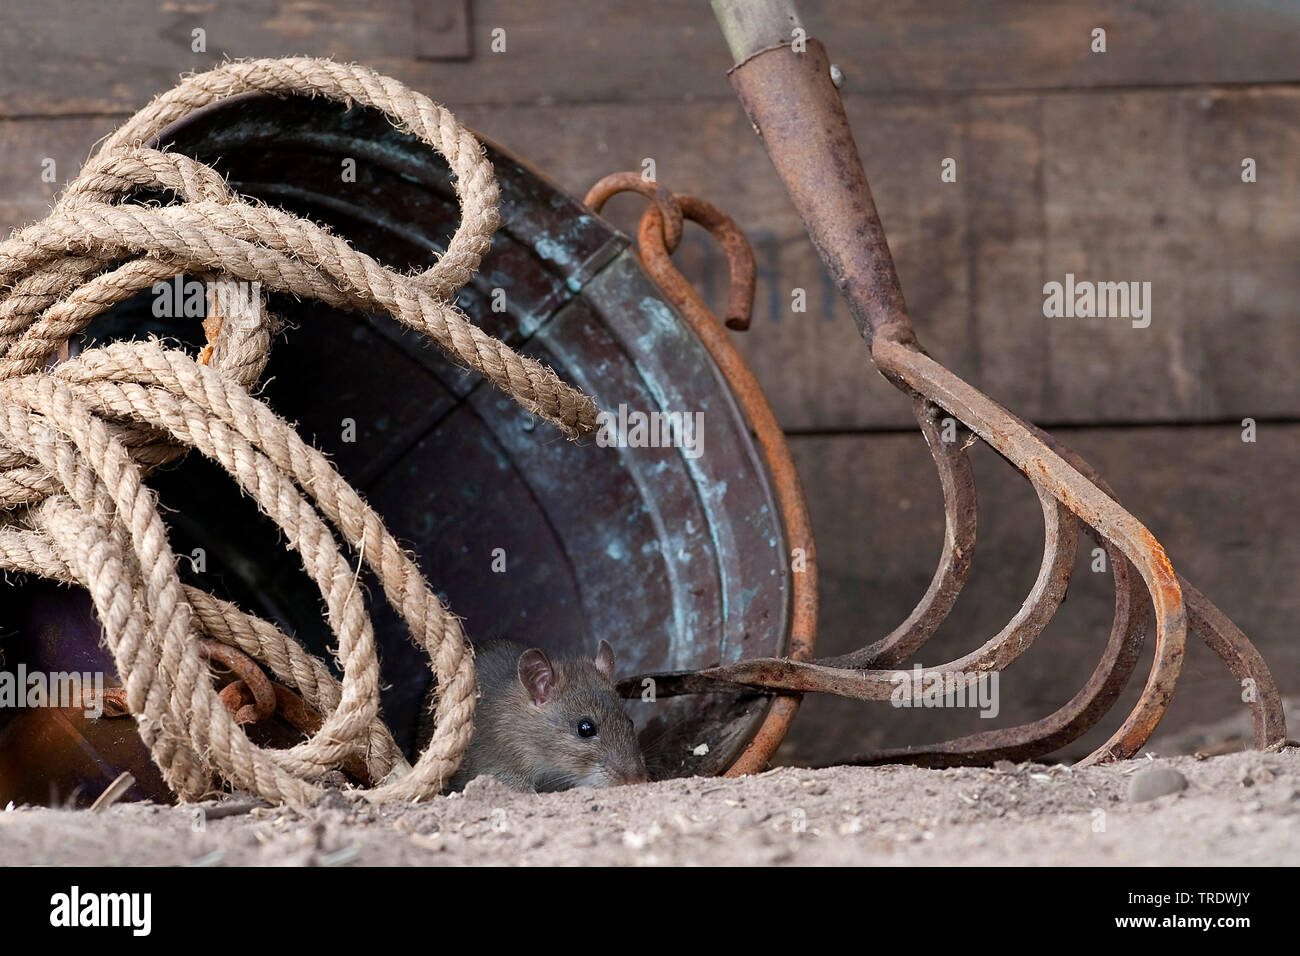 Wanderratte, Wander-Ratte (Rattus norvegicus), versteckt sich in einem alten Eimer, Niederlande, Overijssel   Brown rat, Common brown rat, Norway rat, - Stock Image